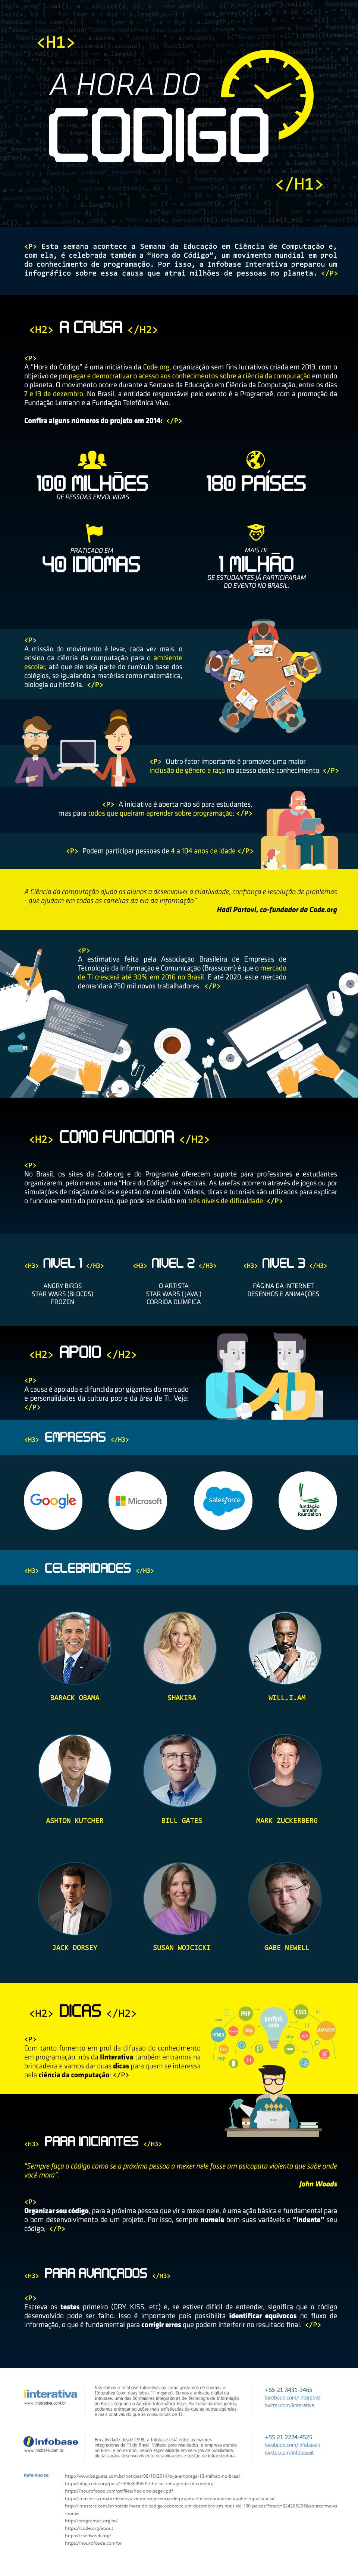 A Hora do Código: infográfico conta tudo sobre o evento de programação